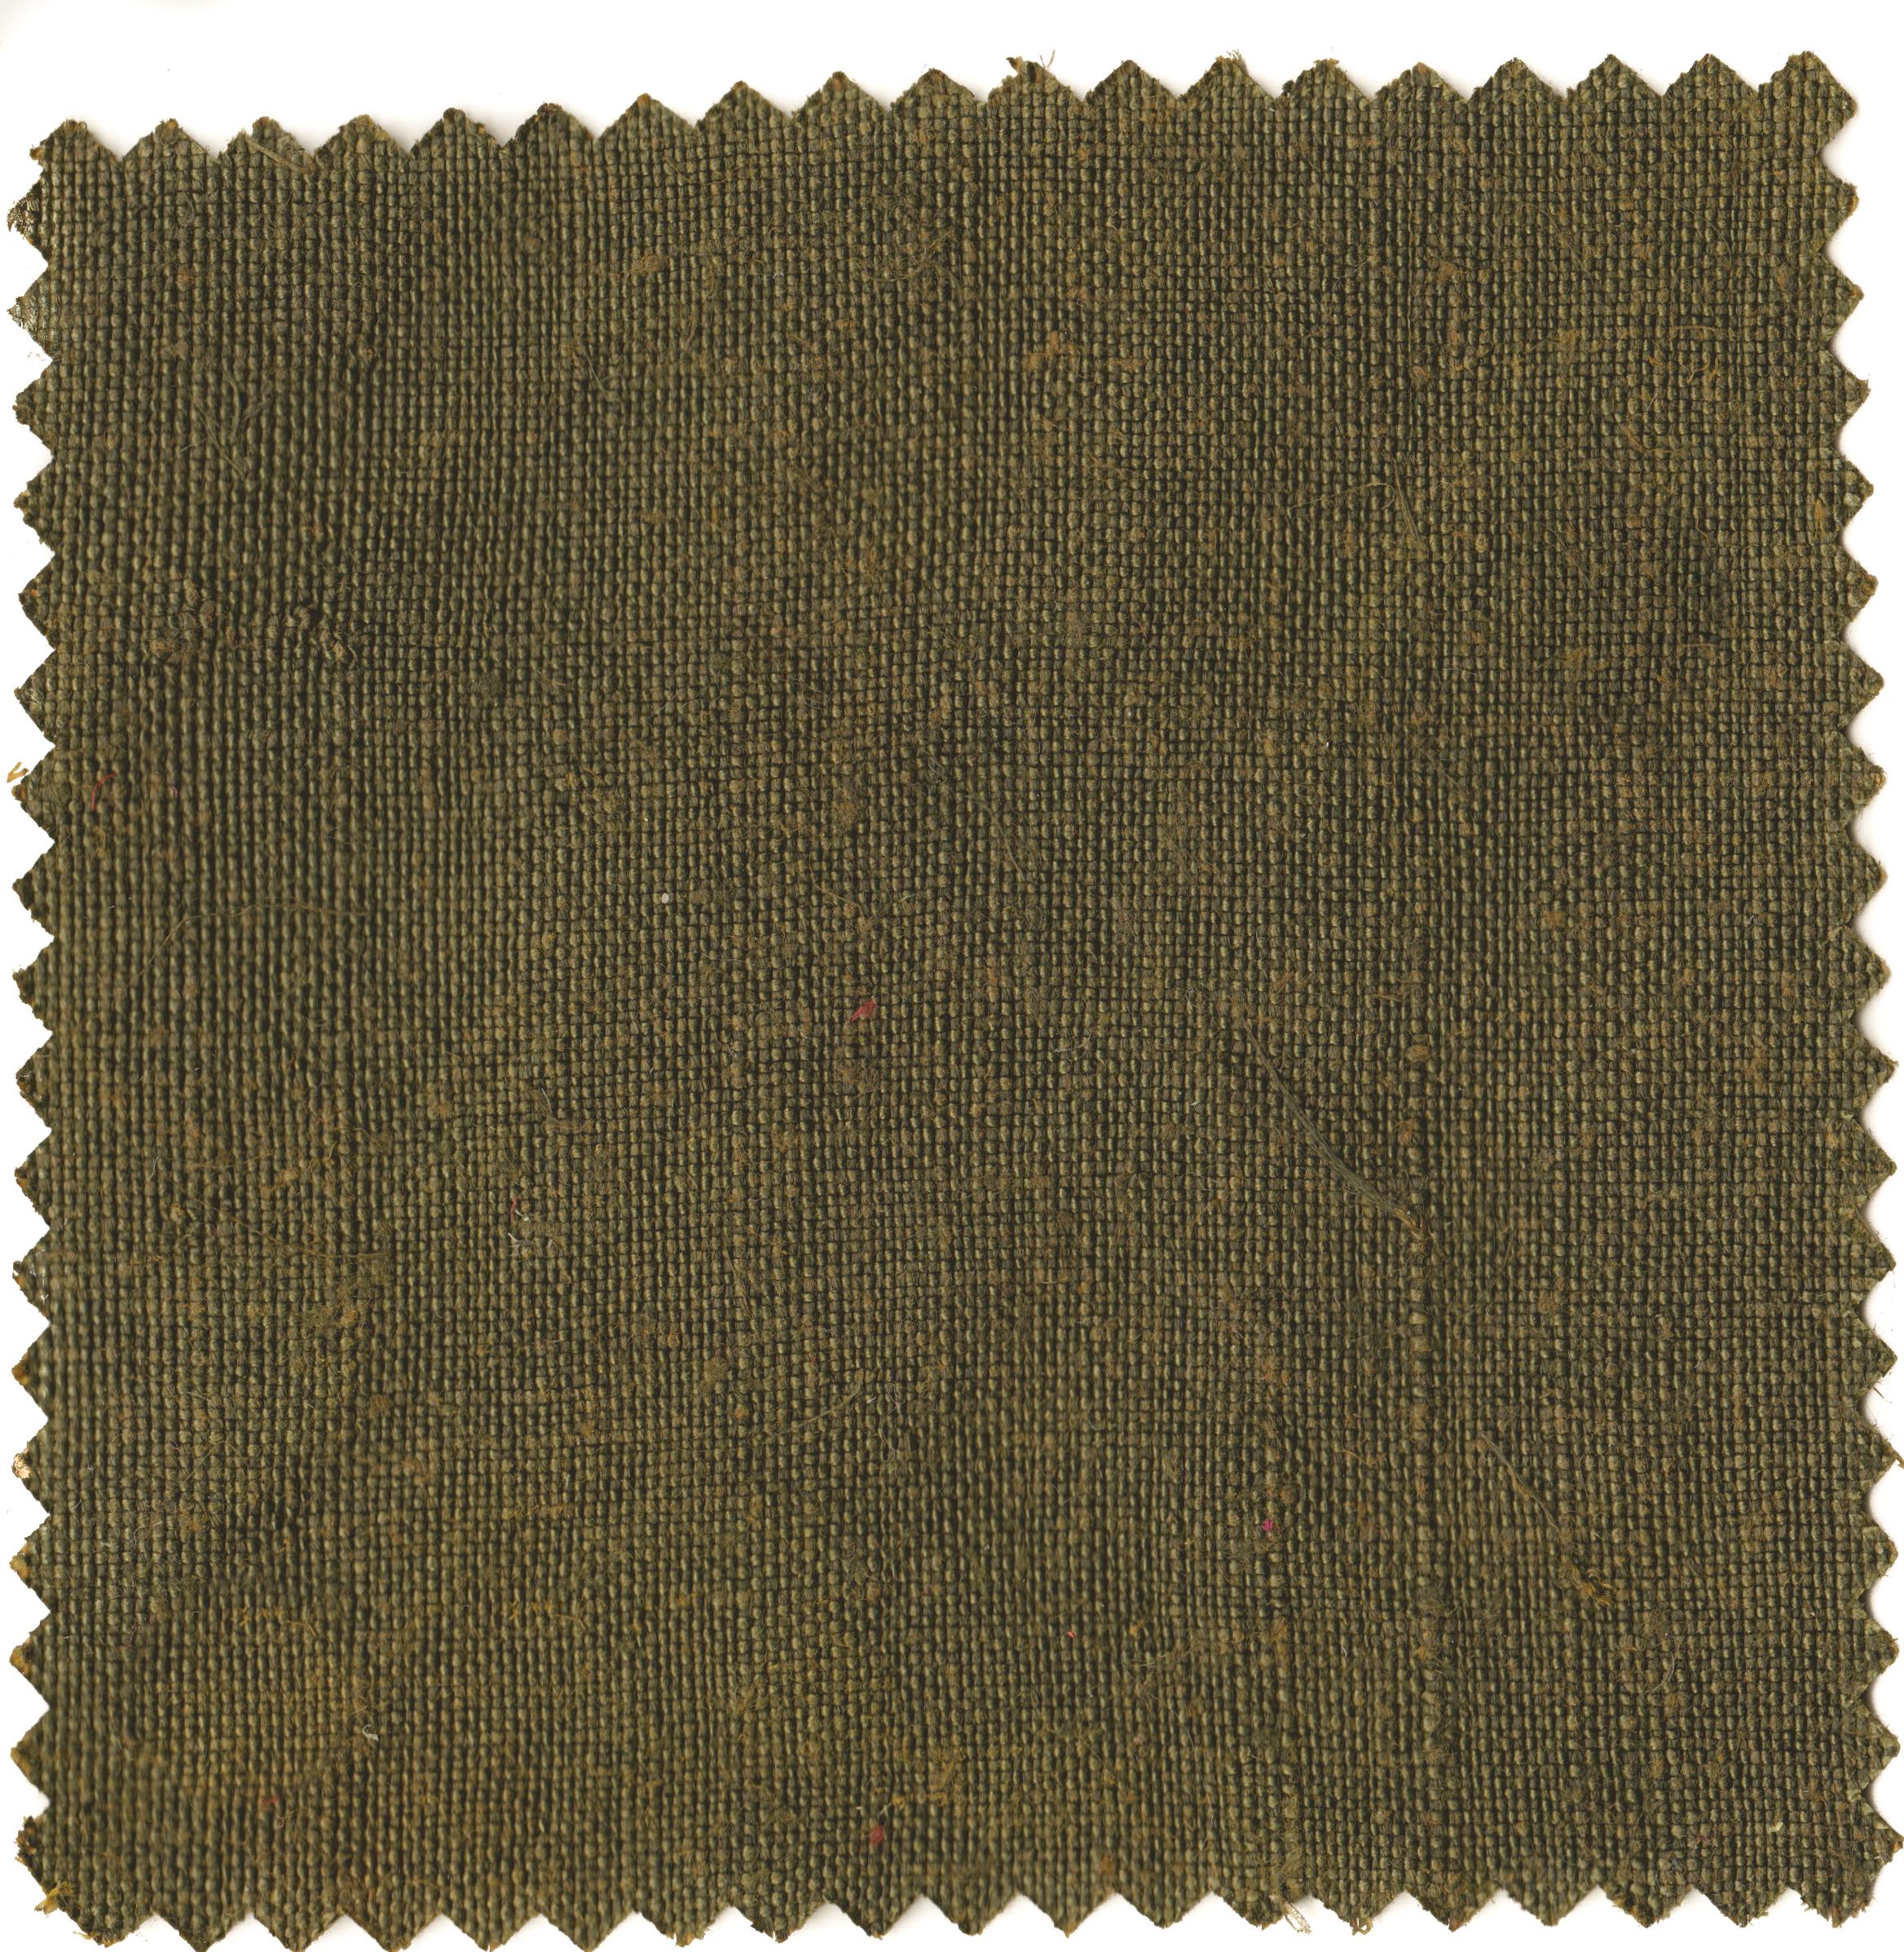 Moss Greens-6.jpg